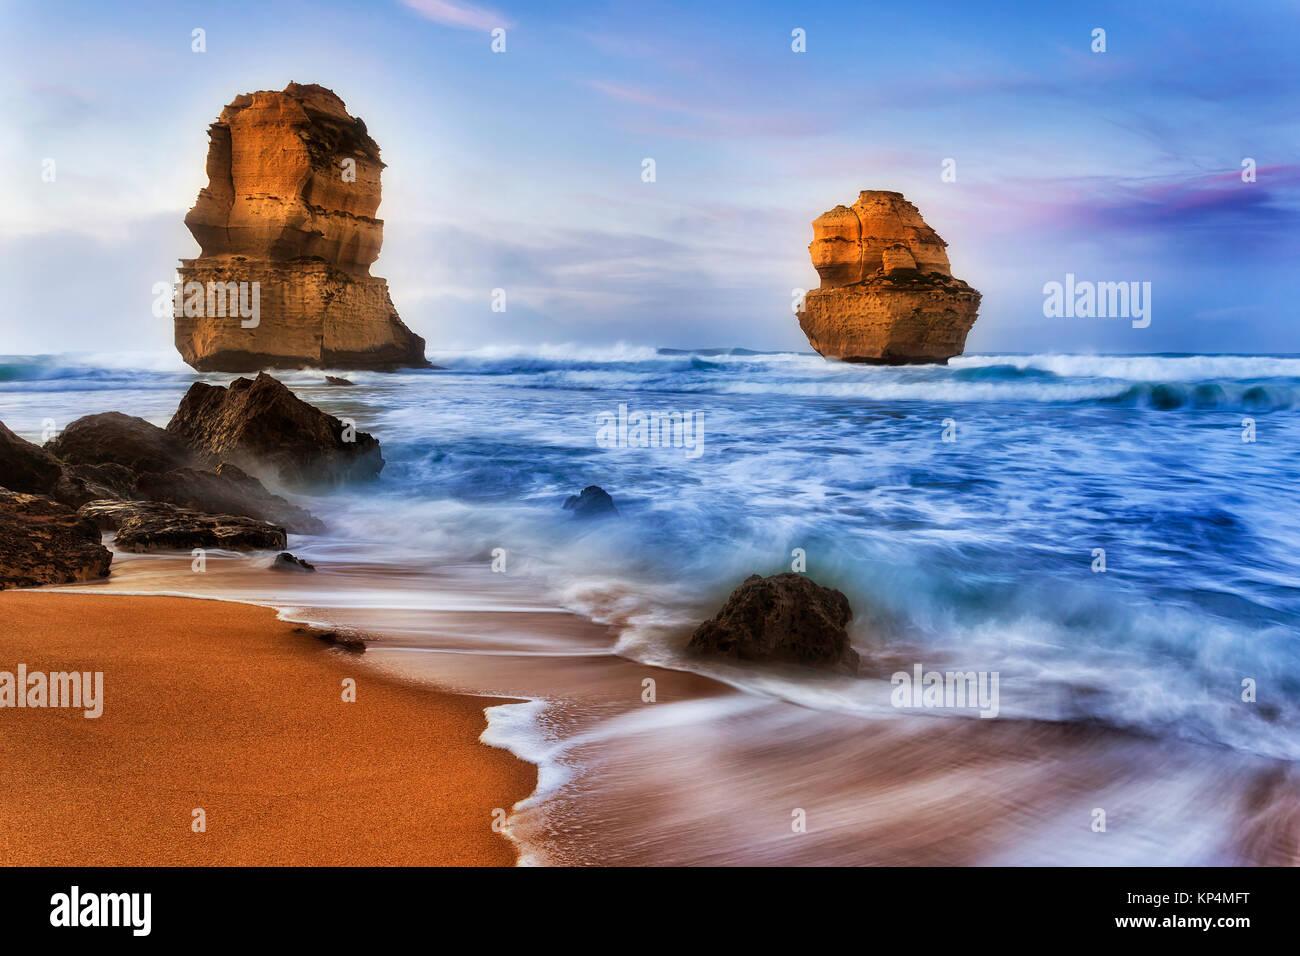 Due apostless off Gibson passi spiaggia a sunrise di surf di onde che si infrangono scogliere calcaree e rocce  Immagini Stock